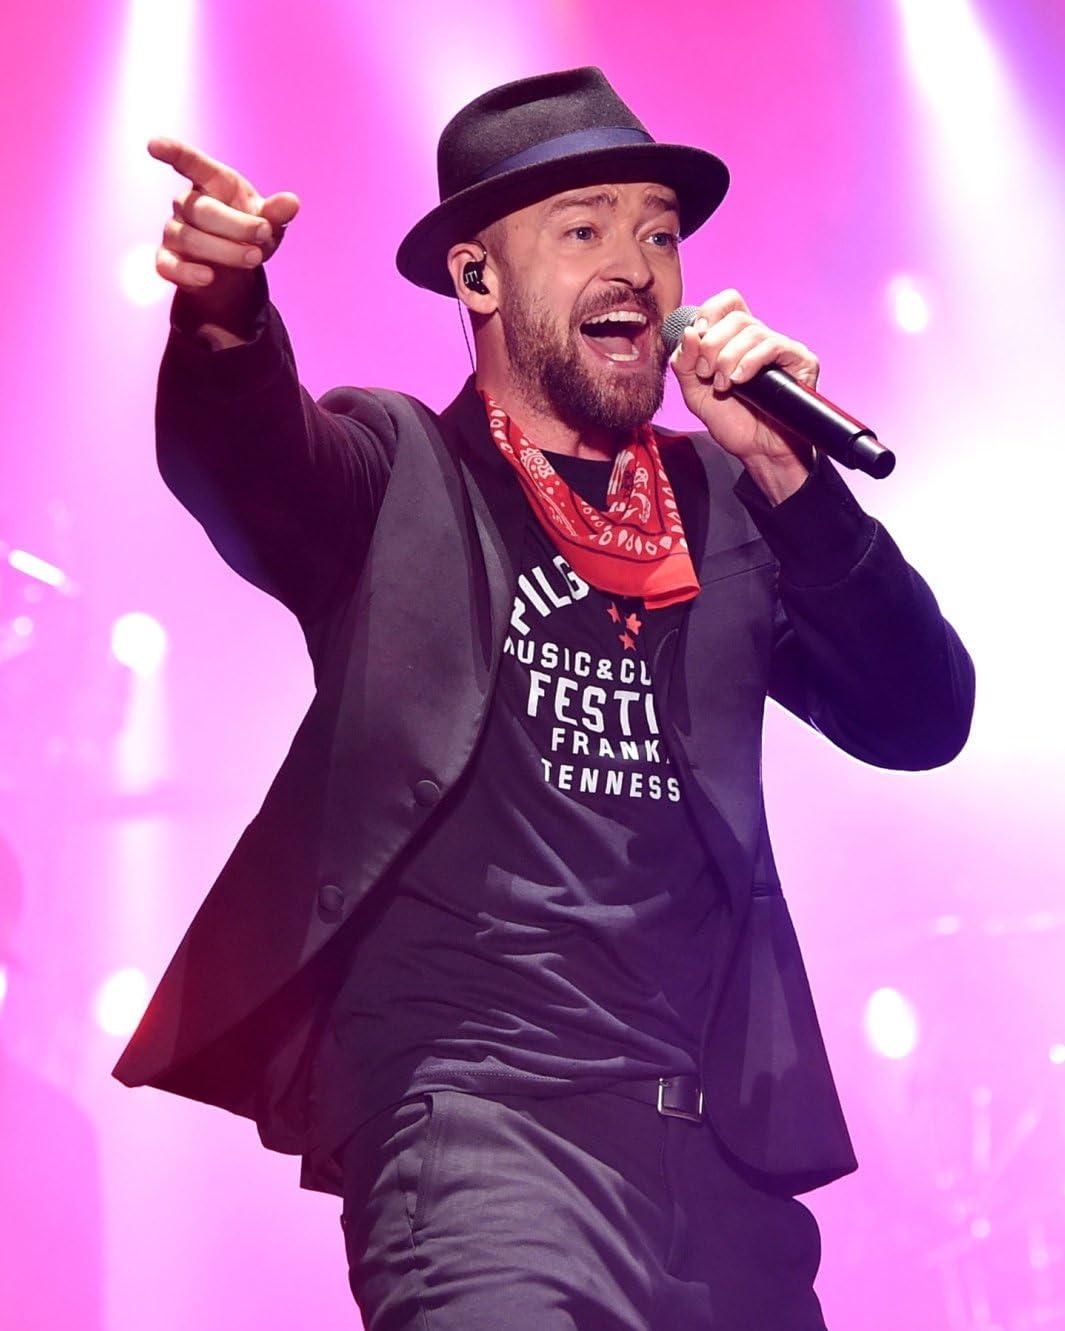 8x10 GLOSSY Photo Picture IMAGE #7 Justin Timberlake//NSYNC 8 x 10